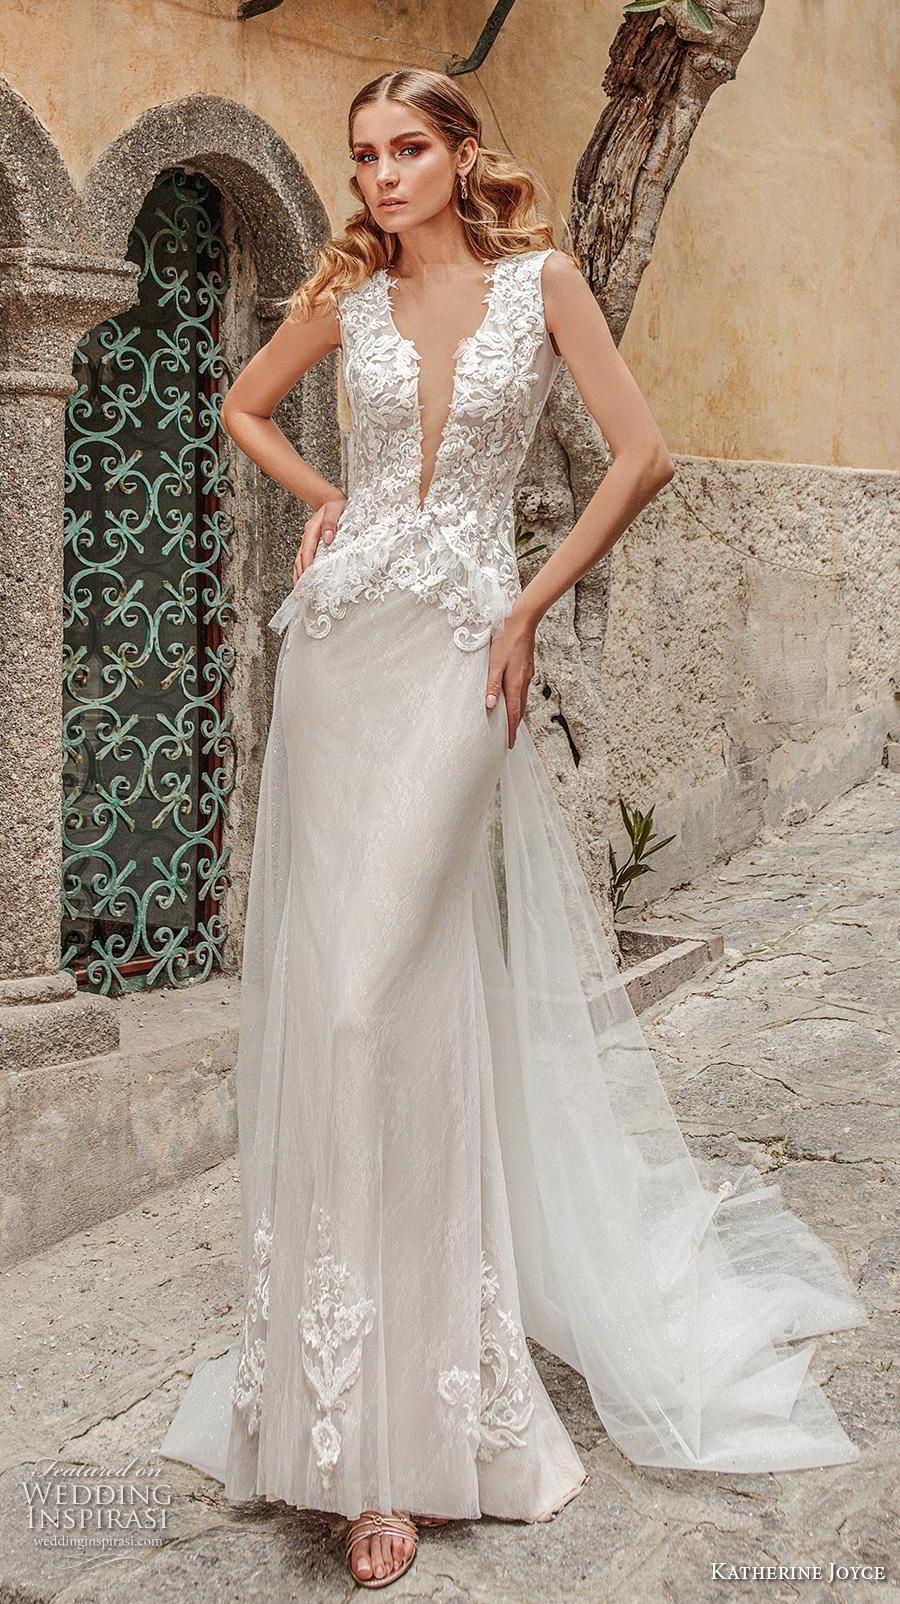 katherine joyce 2019 bridal sleeveless deep plunging v neck heavily embellished bodice peplum romantic sheath wedding dress covered back chapel train (5) mv